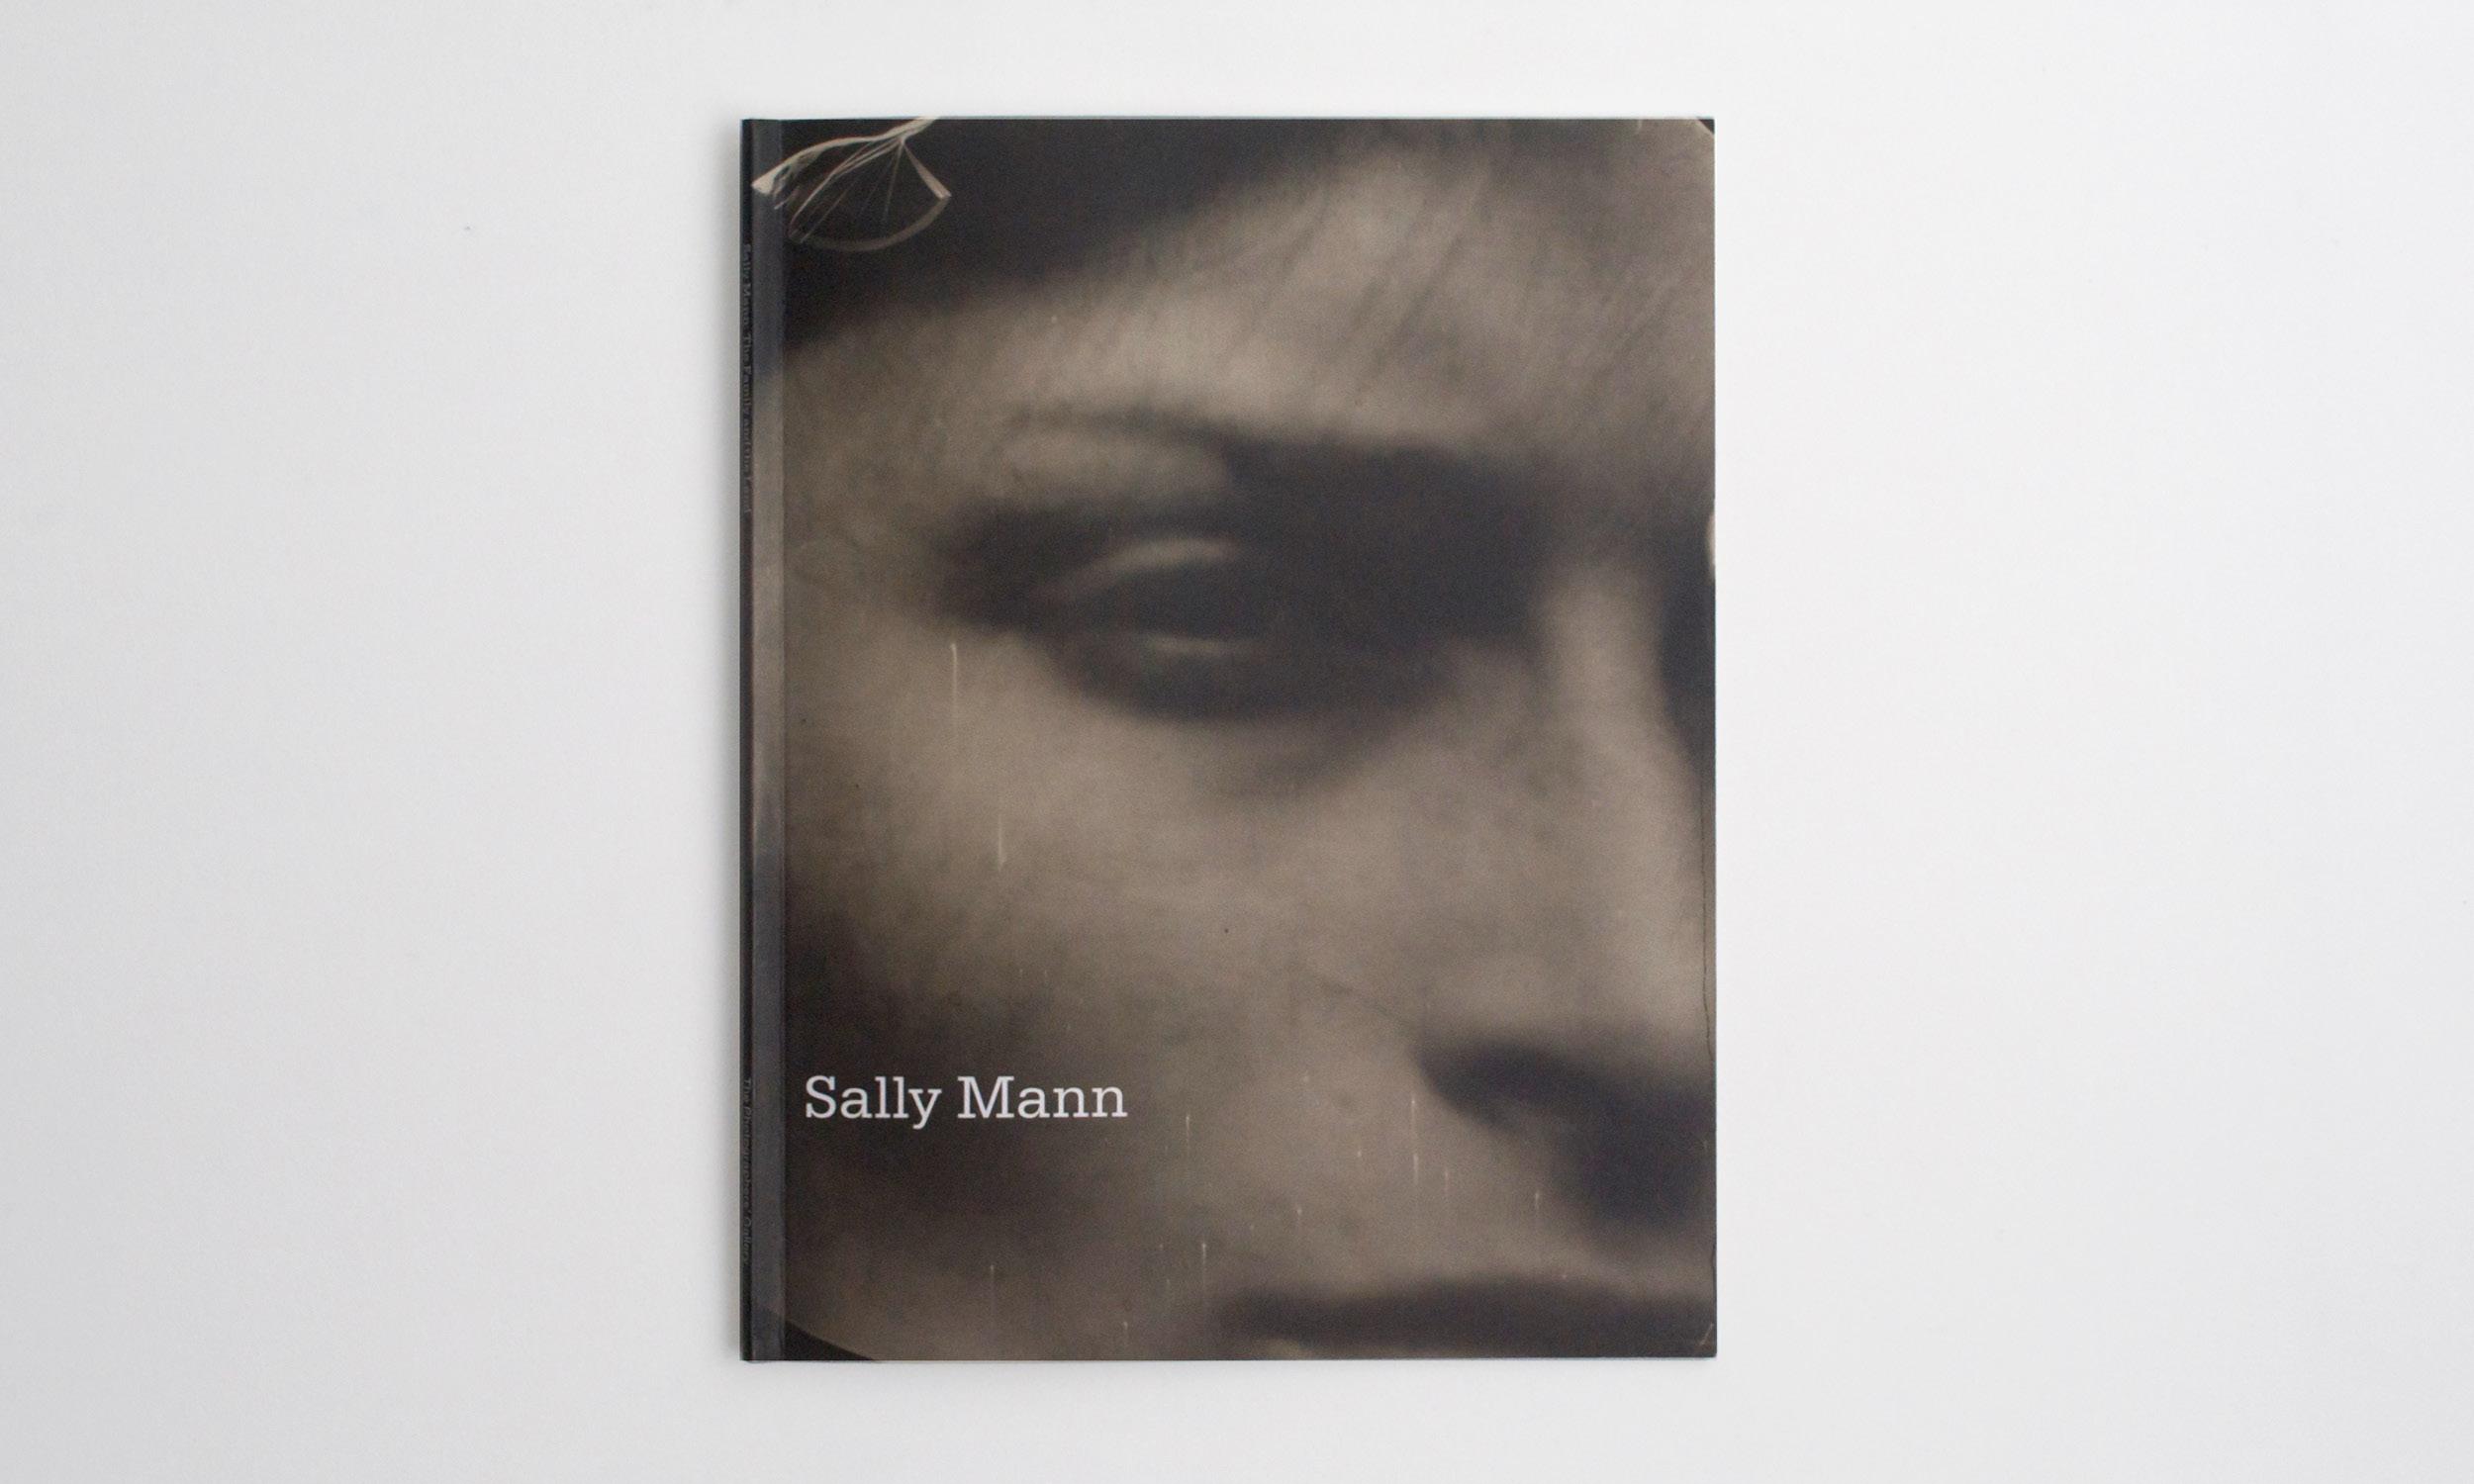 Sally-Mann-LR1.jpg